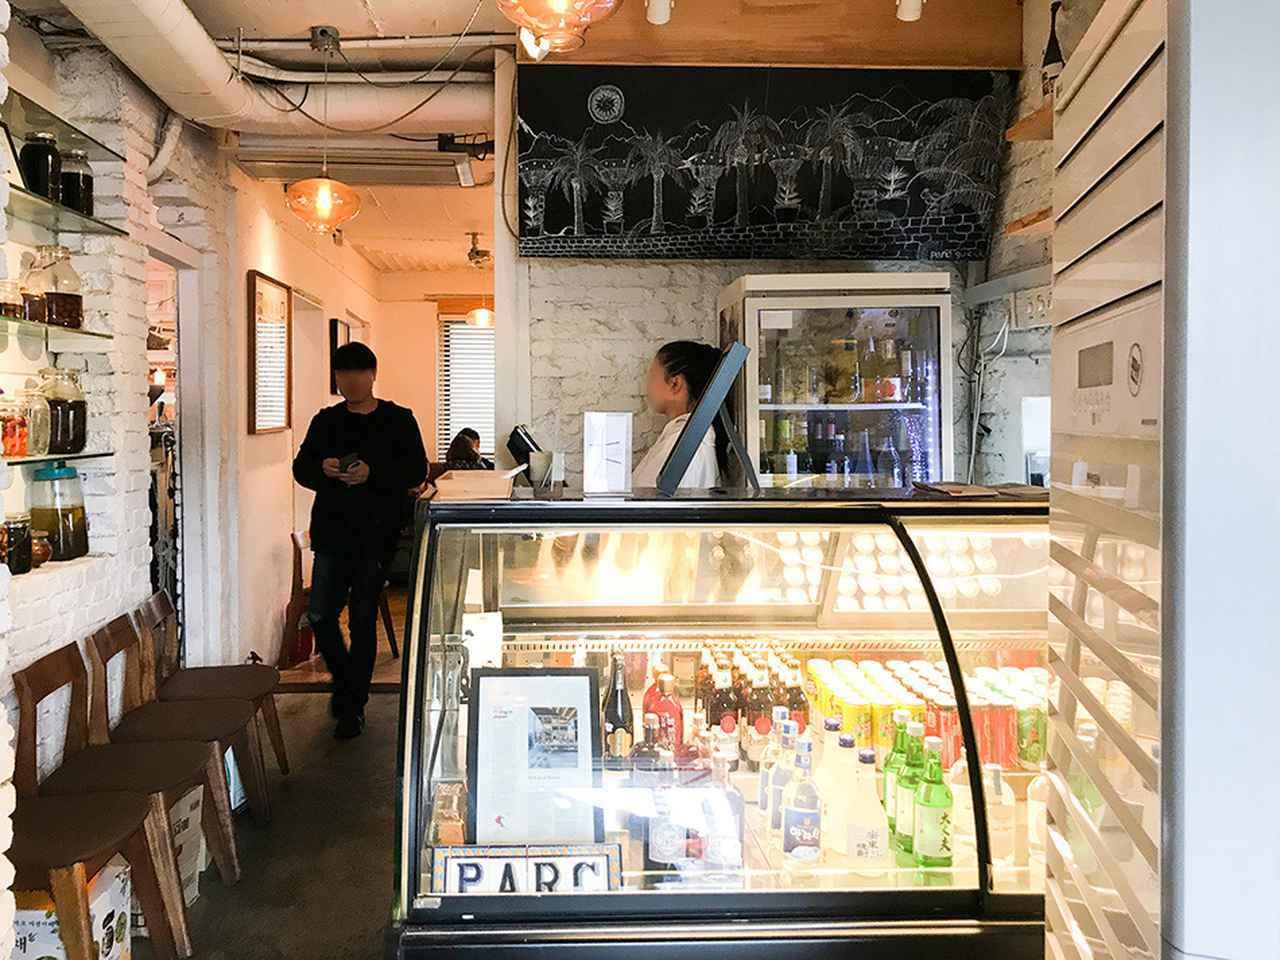 画像: 【梨泰院】COMME des GARçONS通り近くの行列のできる定食屋、parc 漢南本店